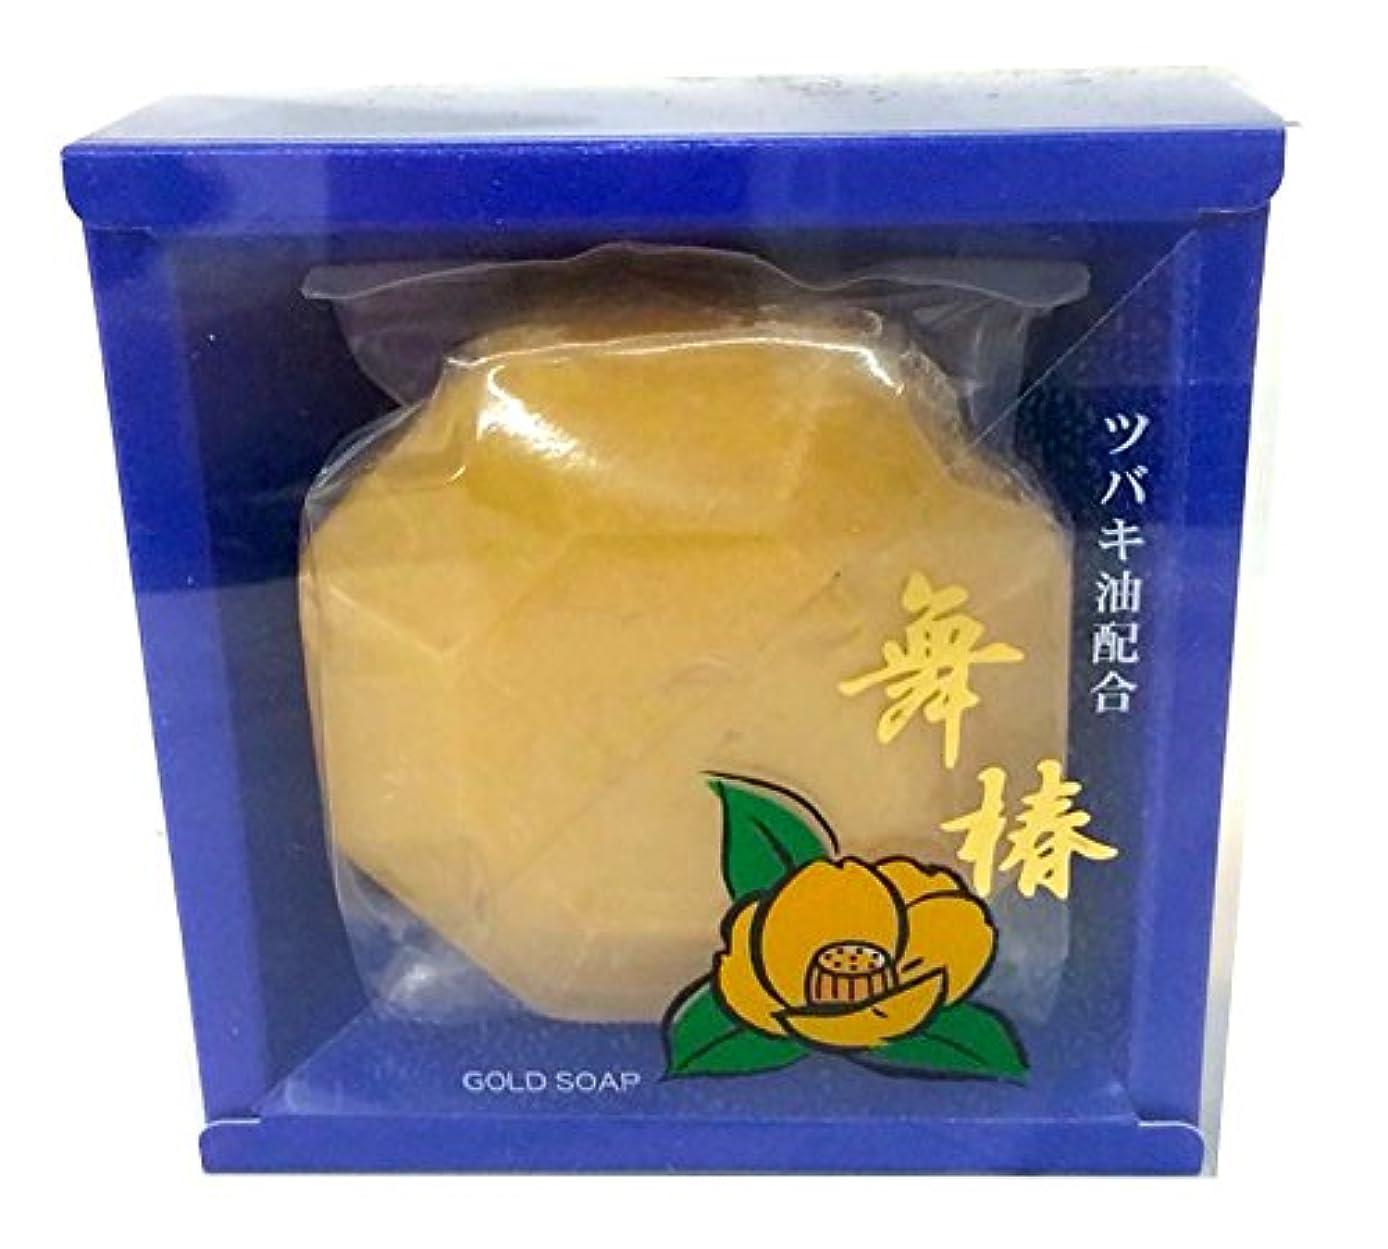 レンジ厚さハック舞椿ゴールドソープ (ツバキオイル配合)110g